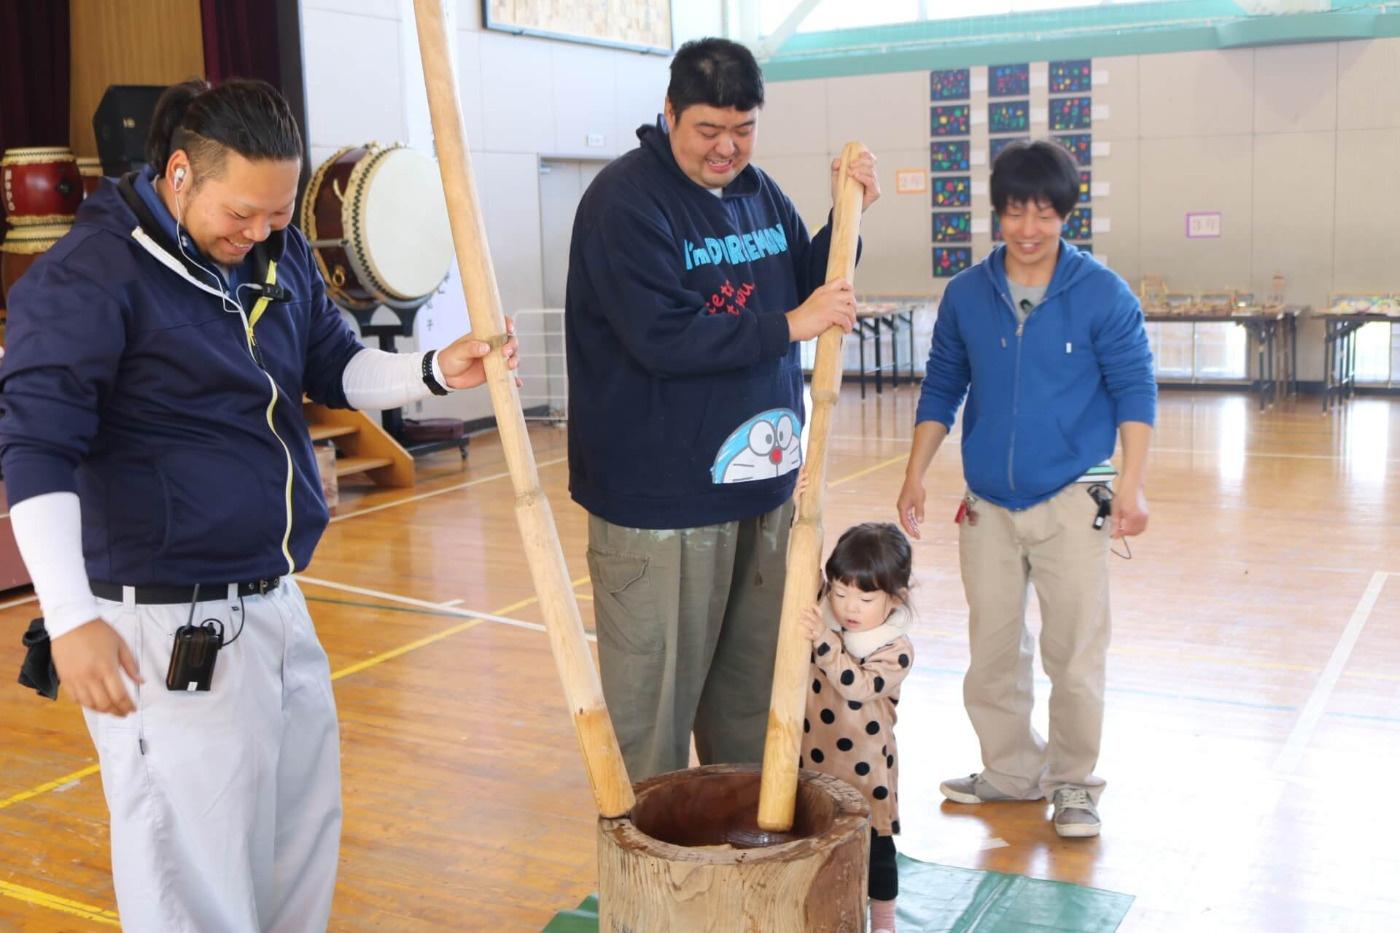 吉島ふれあい祭2019:餅つきの様子